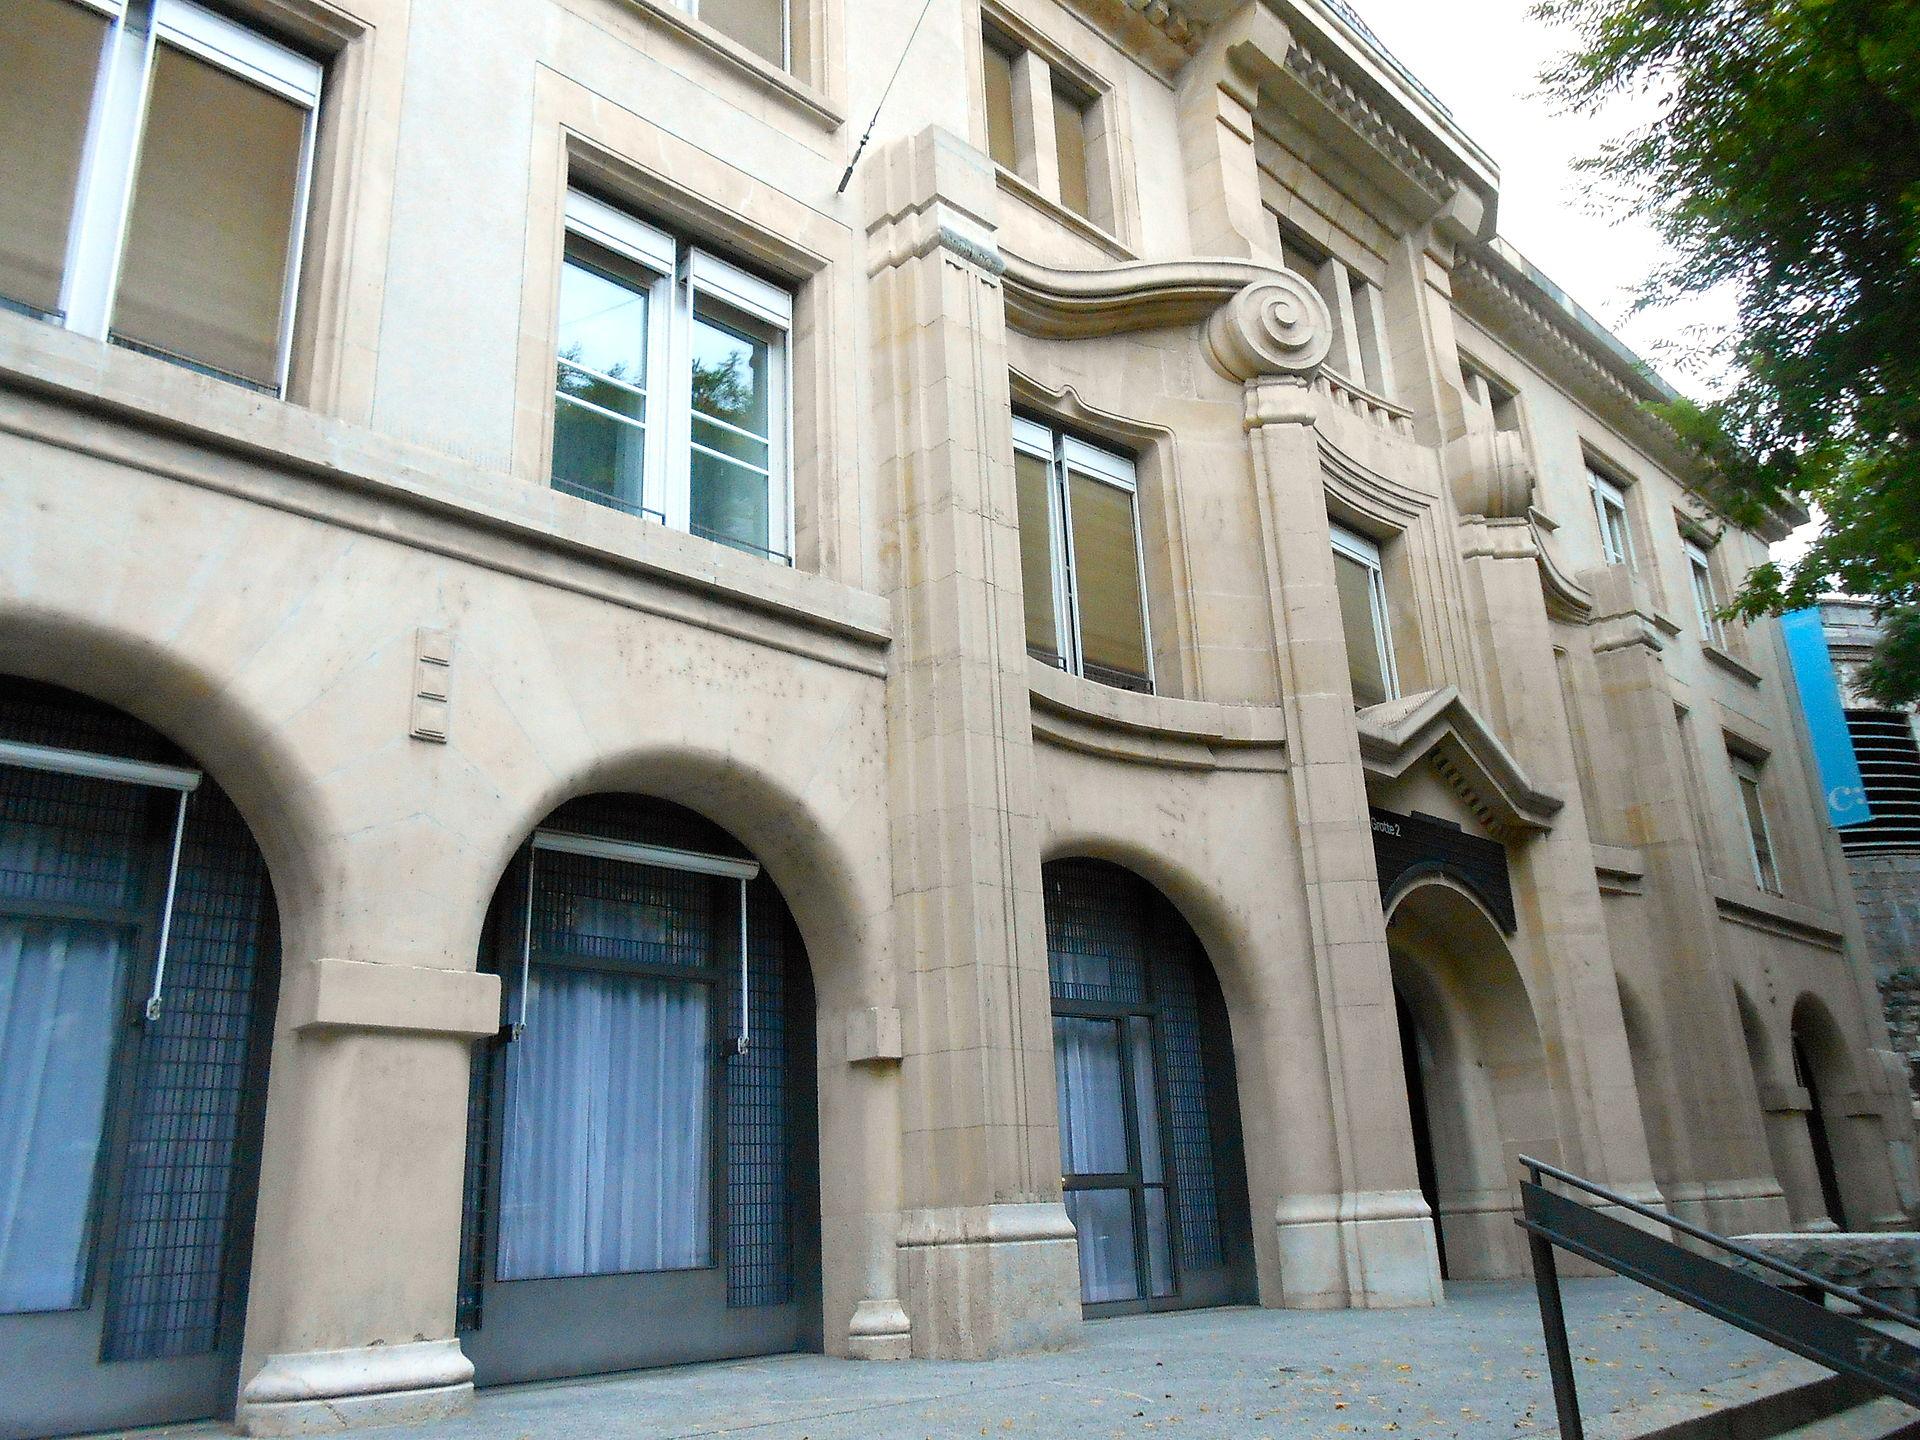 Haute Ecole de Musique de Lausanne